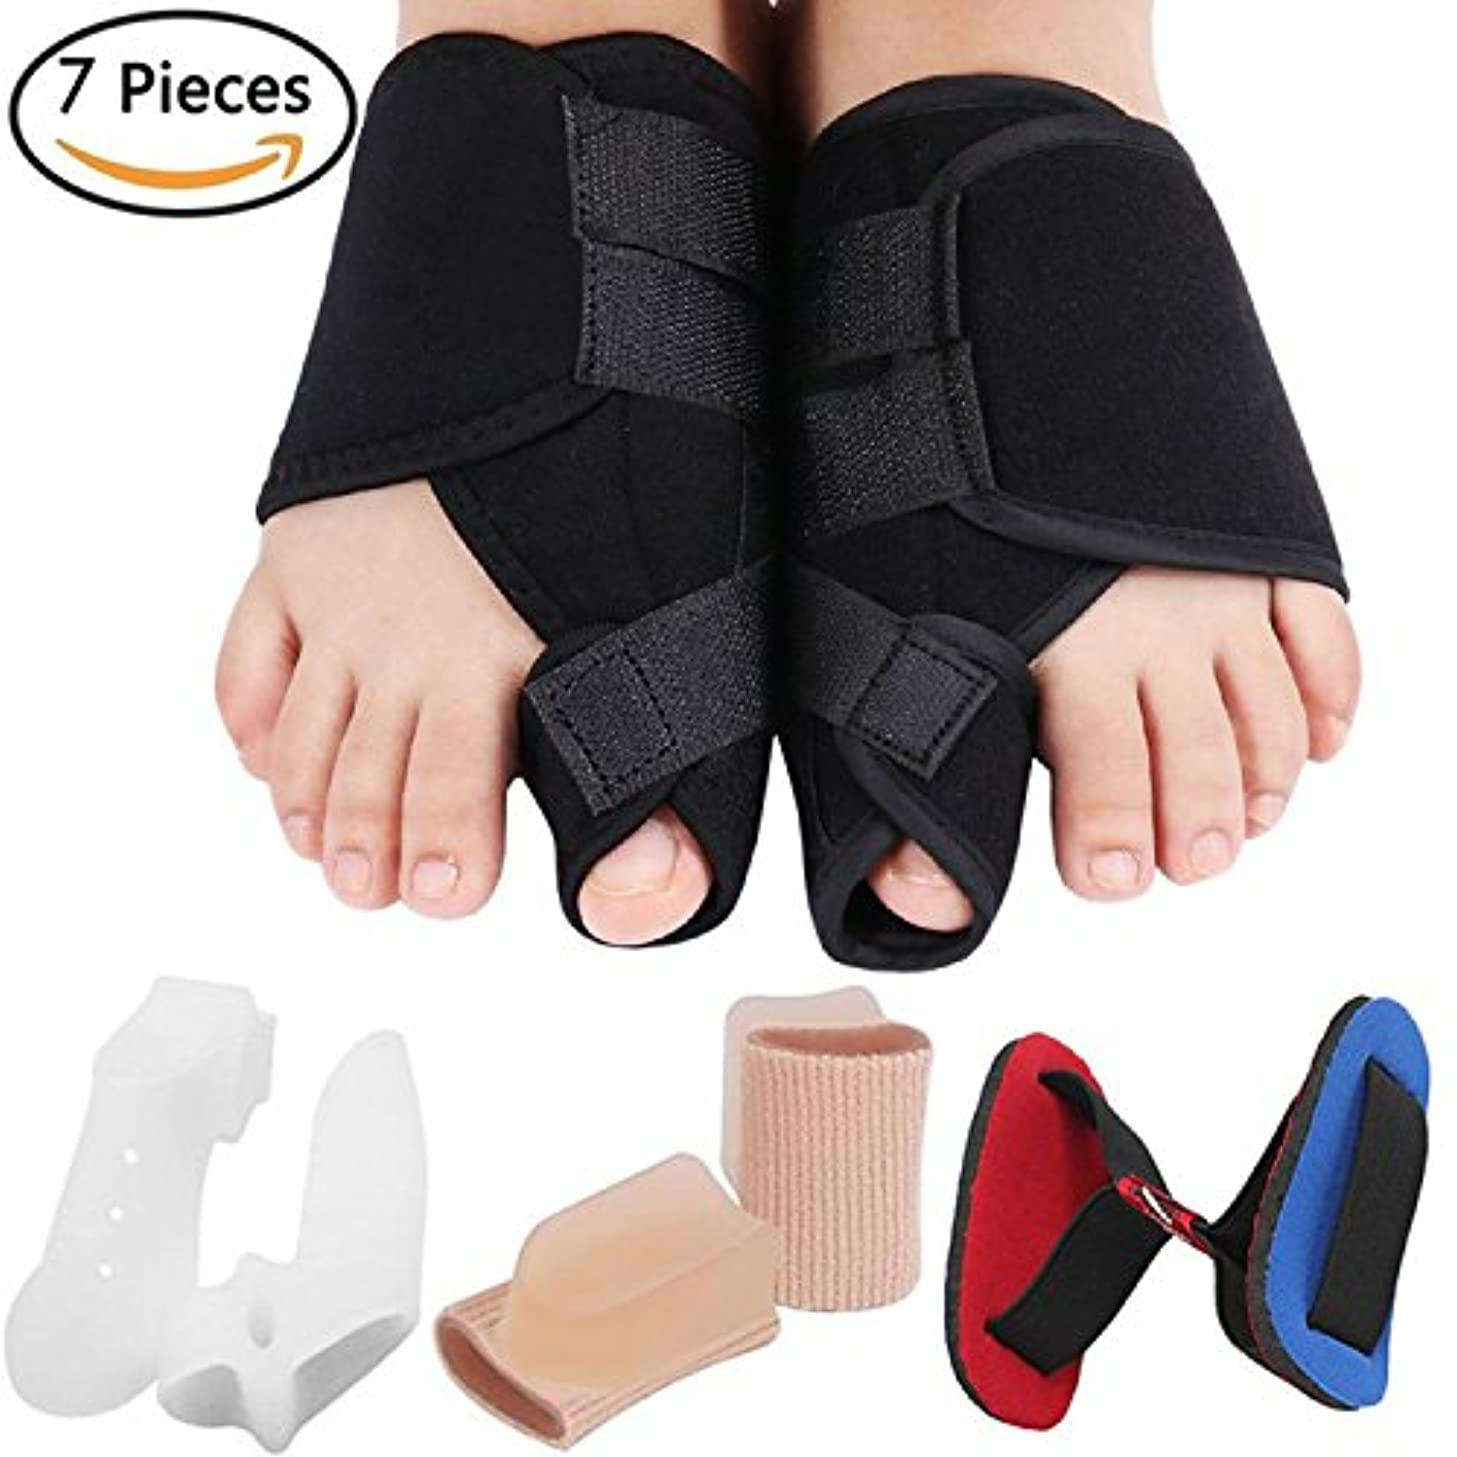 堀独創的マザーランドBunion Corrector Bunion Relief Kit, Bunion Splint Toe Straightener Corrector for Hallux Valgus, Big Toe Joint,...